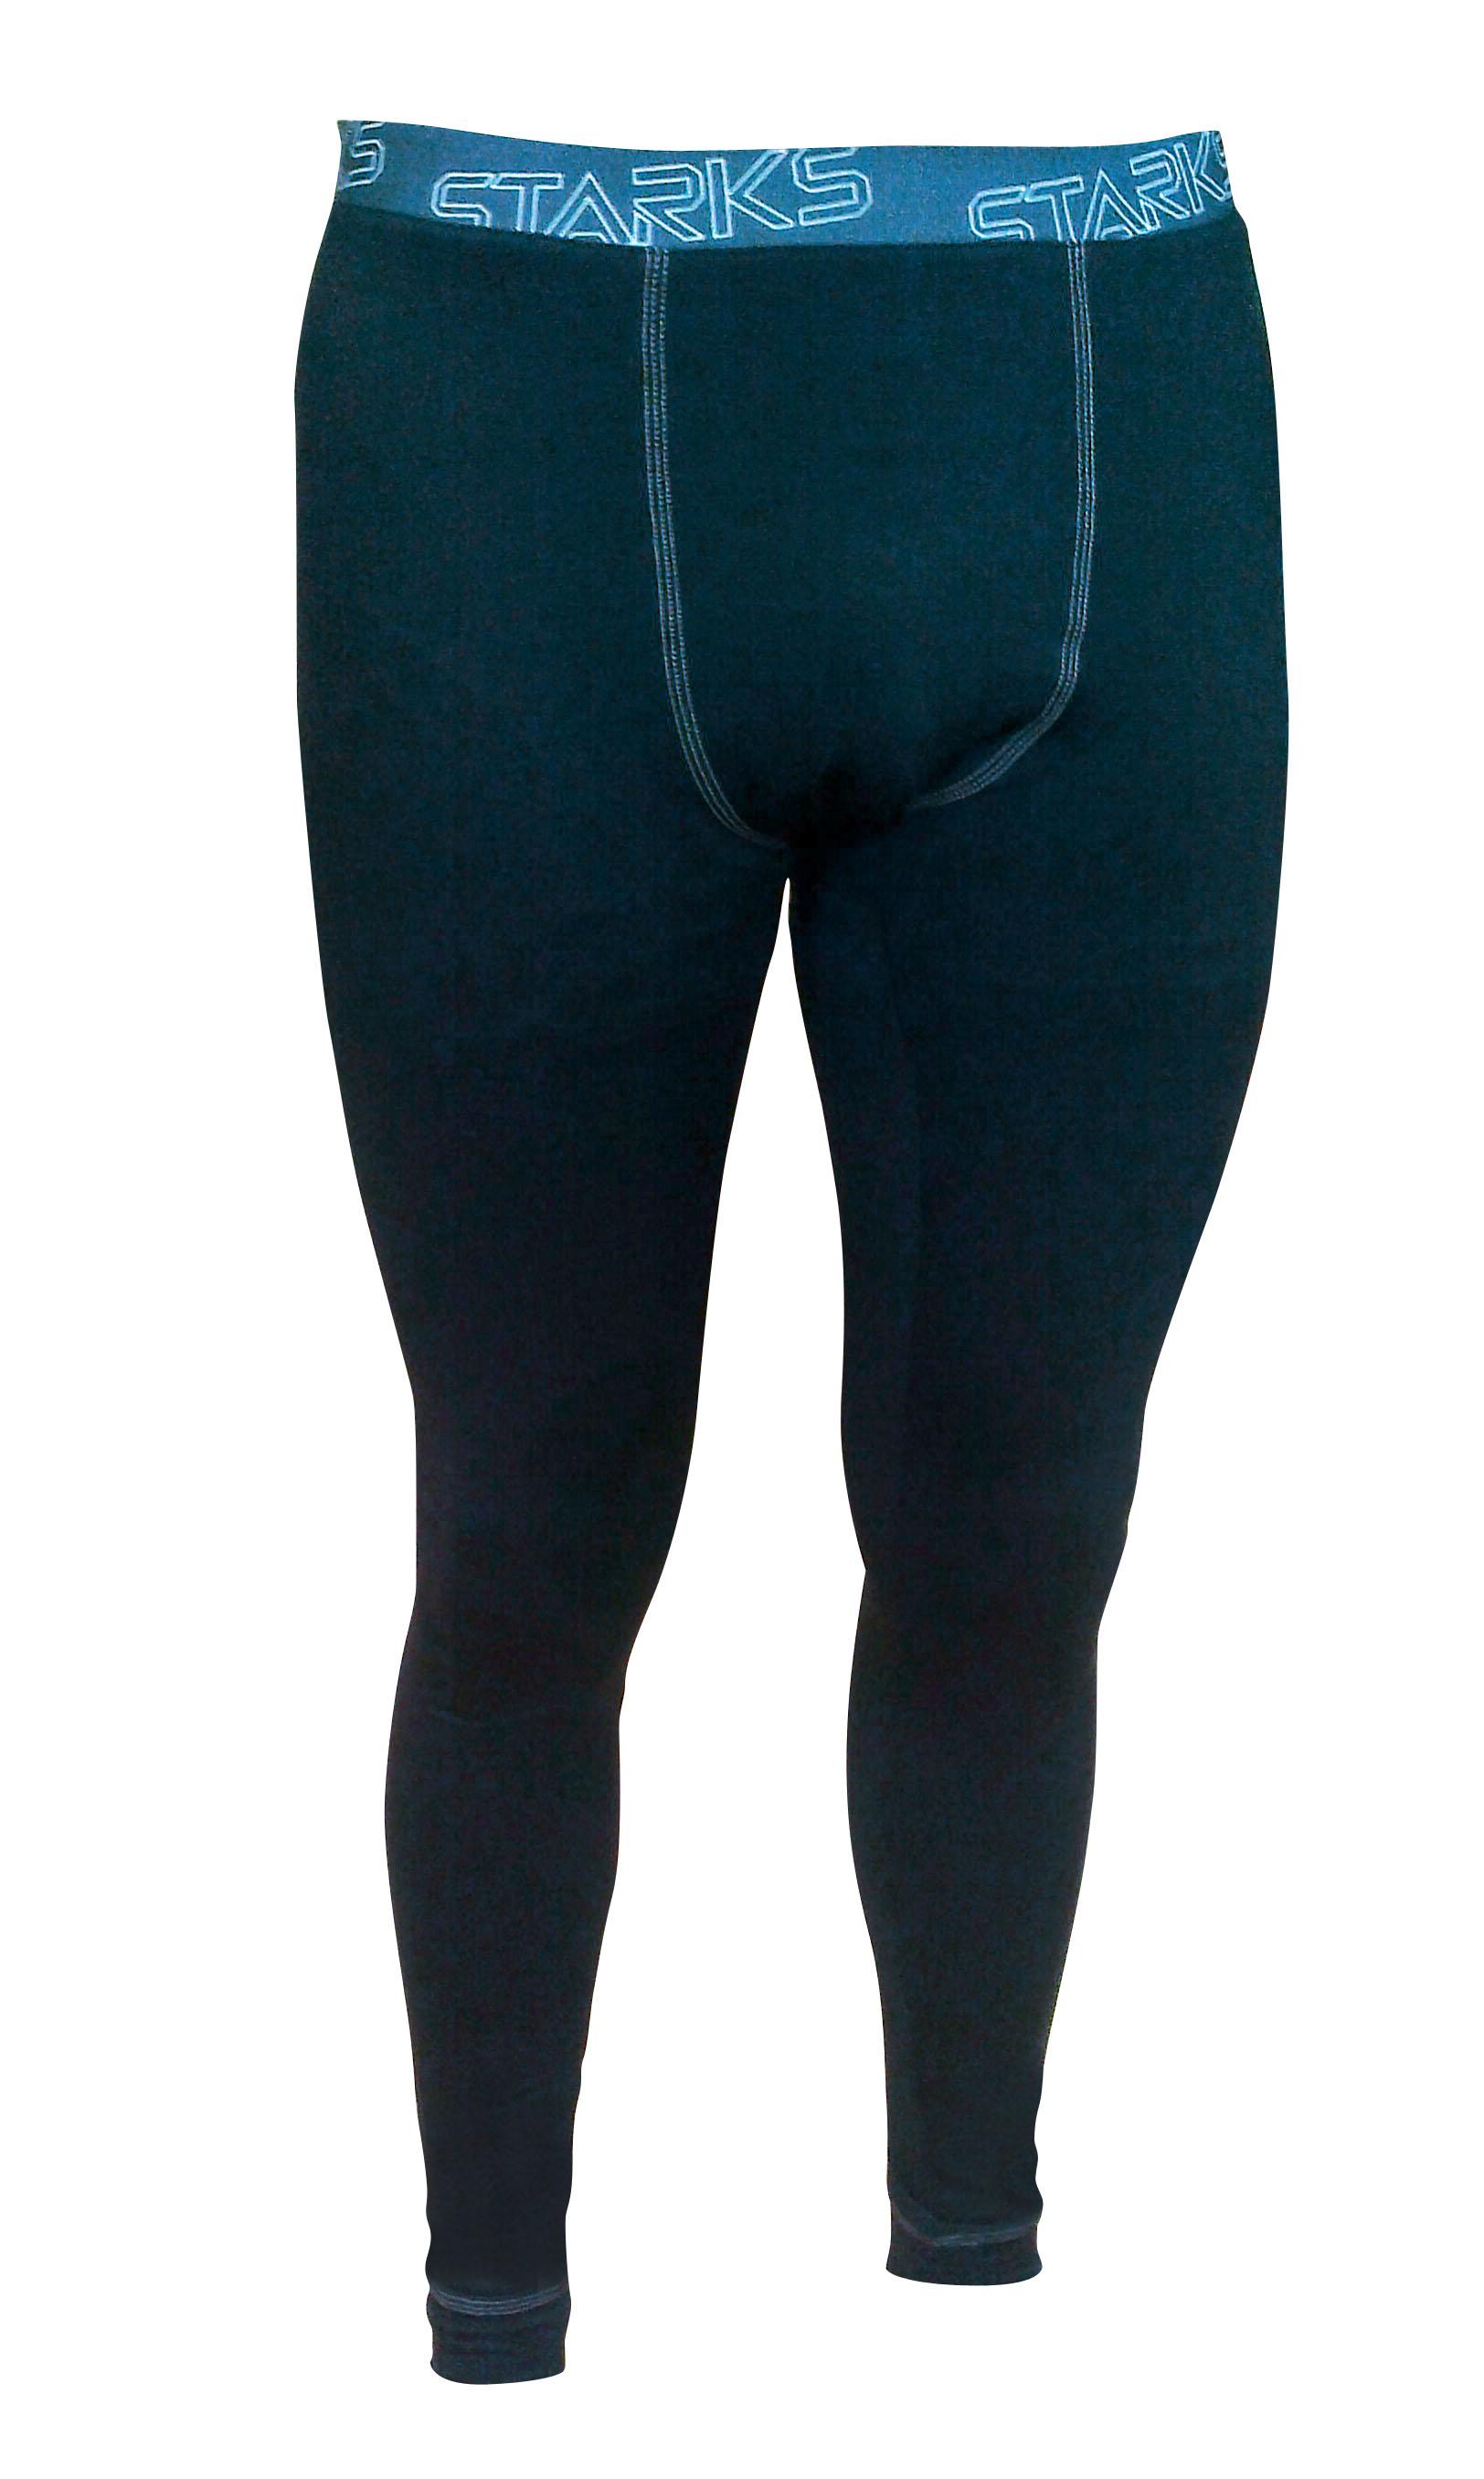 Термобелье брюки мужские Starks Warm, зимние, цвет: черный. Размер XLone116Анатомическое термобелье, выполнено из Европейской сертифицированной ткани Polarstretch. Высокие эластичные свойства материала позволяют белью максимально повторять индивидуальную анатомию тела, эффект второй кожи. Отличные влагоотводящиесвойства, что позволяет телу оставаться сухим. Высокие термоизоляционные свойства, позволяют исключить переохлаждение или перегрев. Воротник стойка обеспечивает защиту шеи от холода. Белье предназначено для активных физических нагрузок. Повседневное использование, в качестве демисезонного.Особенности:STOP BACTERIAЗащита от перегрева или переохлажденияЭластичные, мягкие плоские швыГипоаллергенноСостав: 92%-полиэстер, 8%-эластан